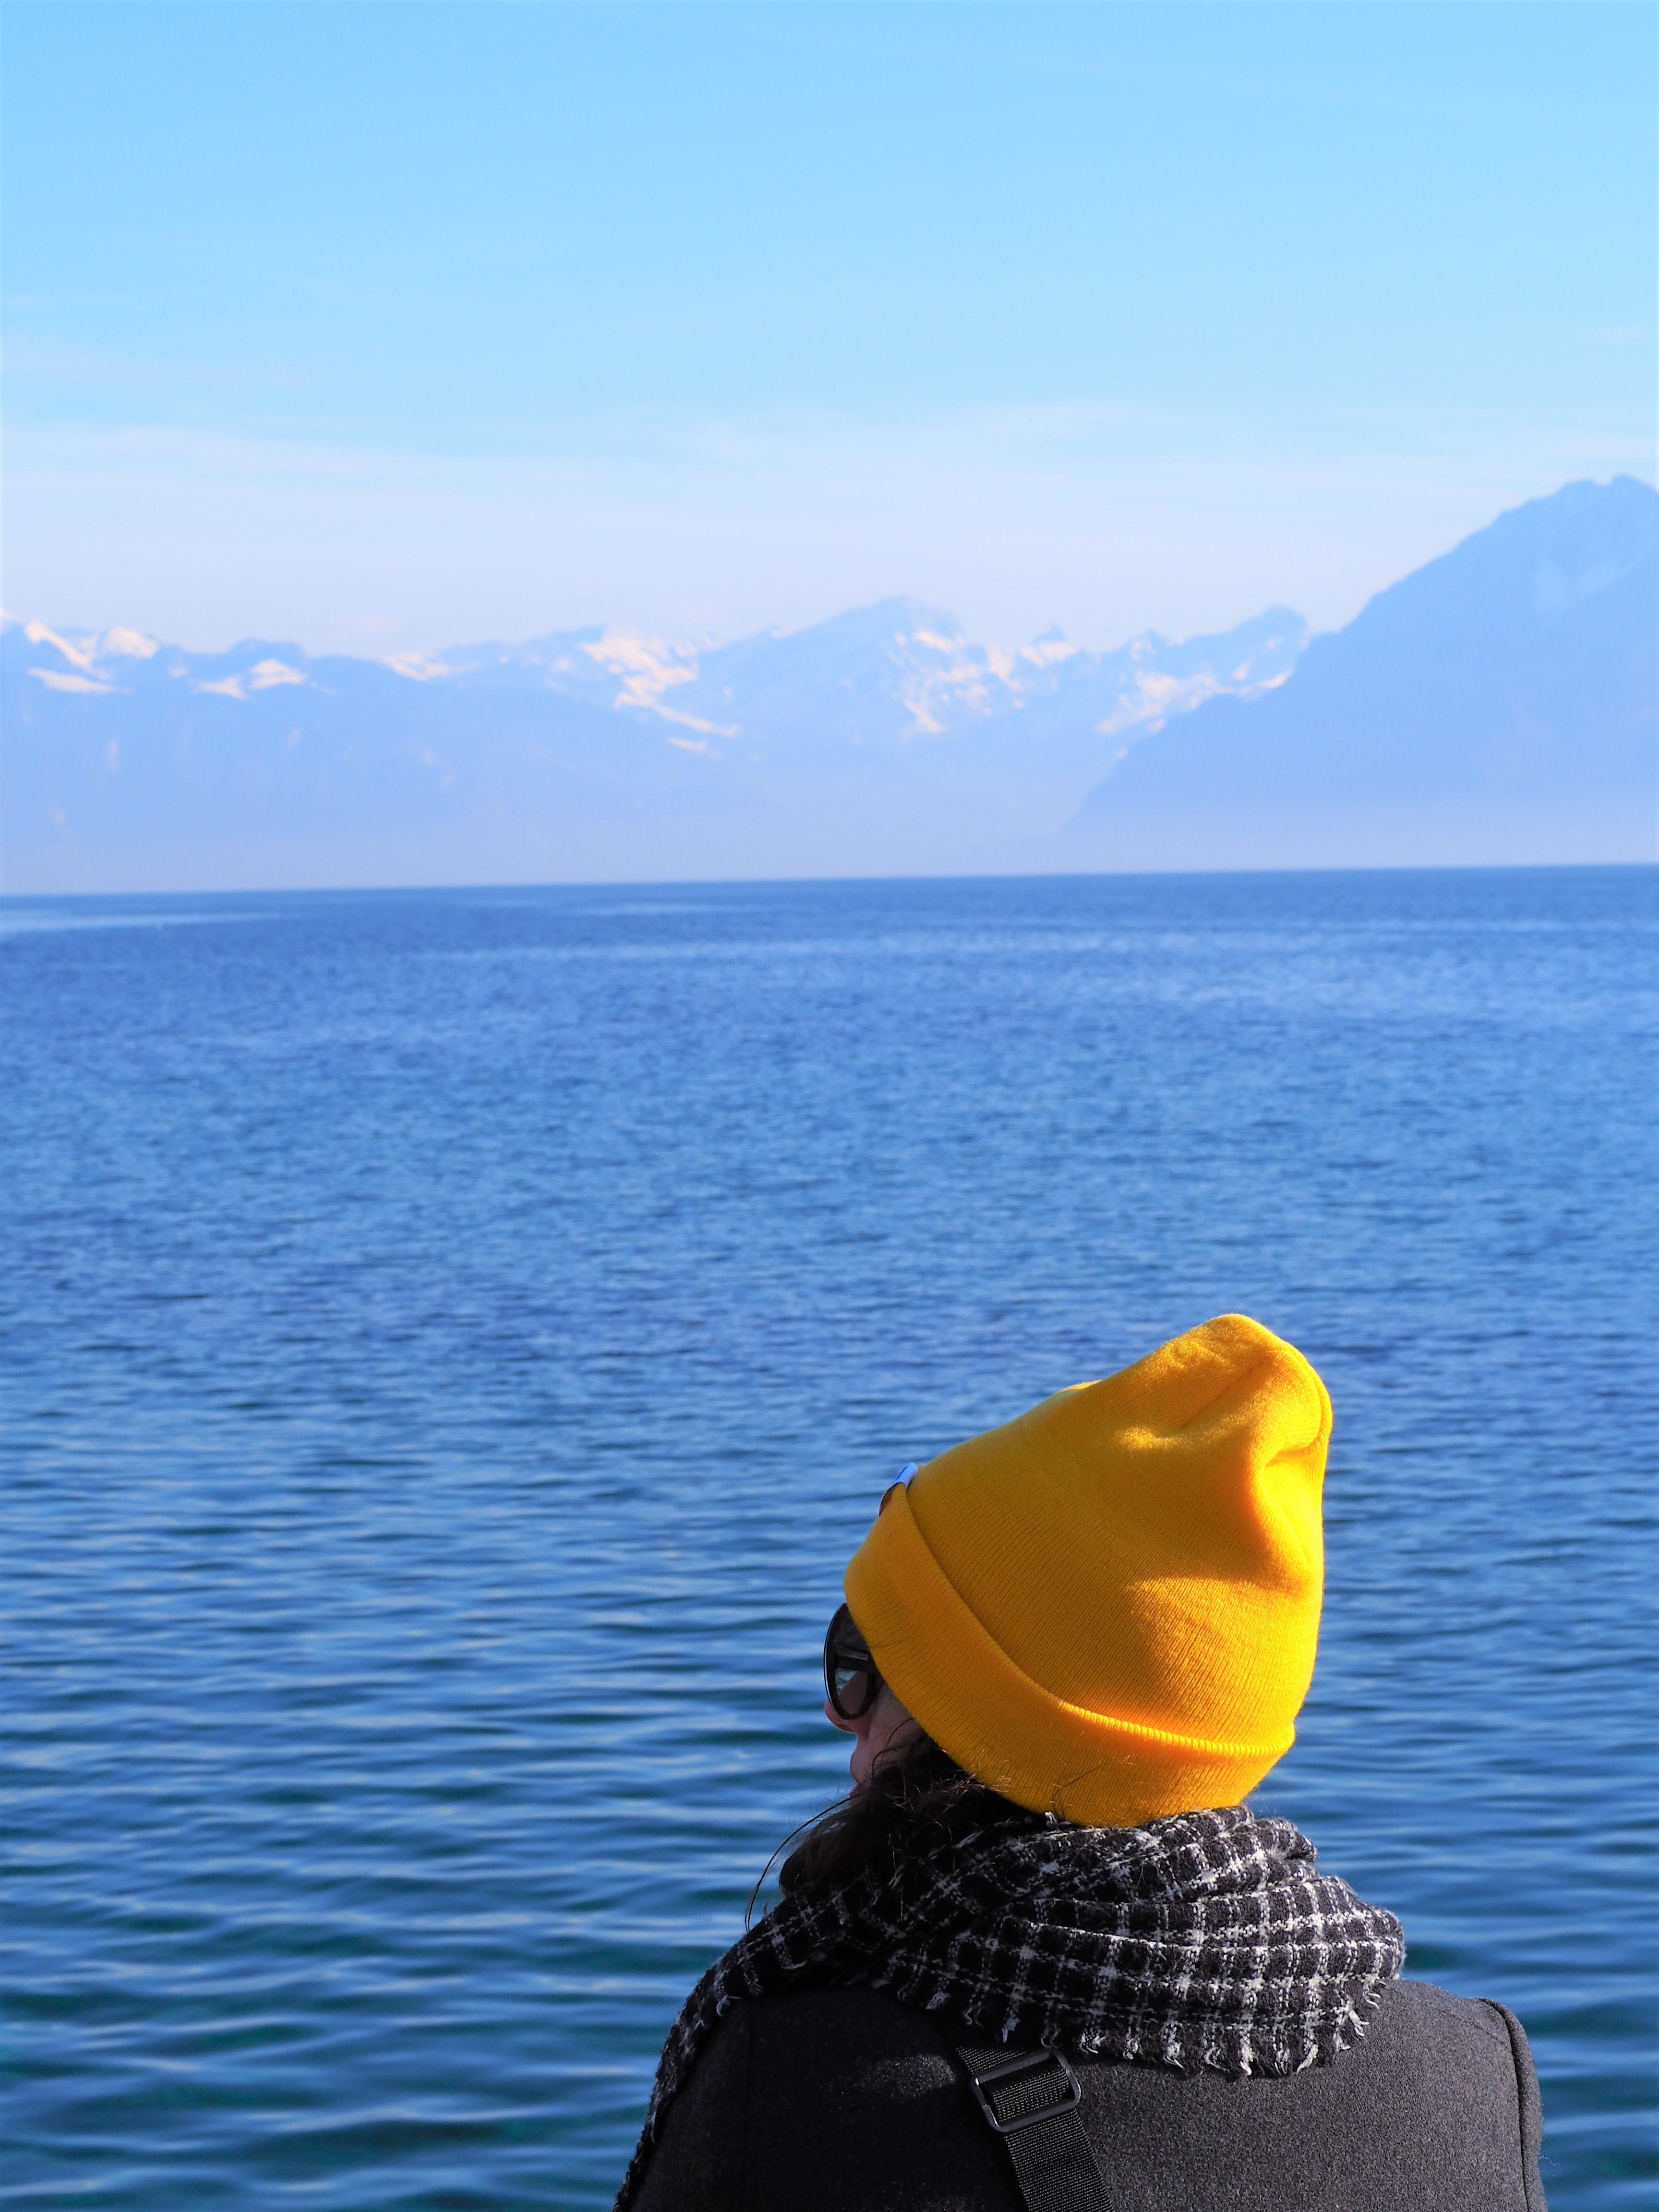 clioandco-blog-voyage-lausanne-suisse-canton-de-vaud-alpes-en-face-france